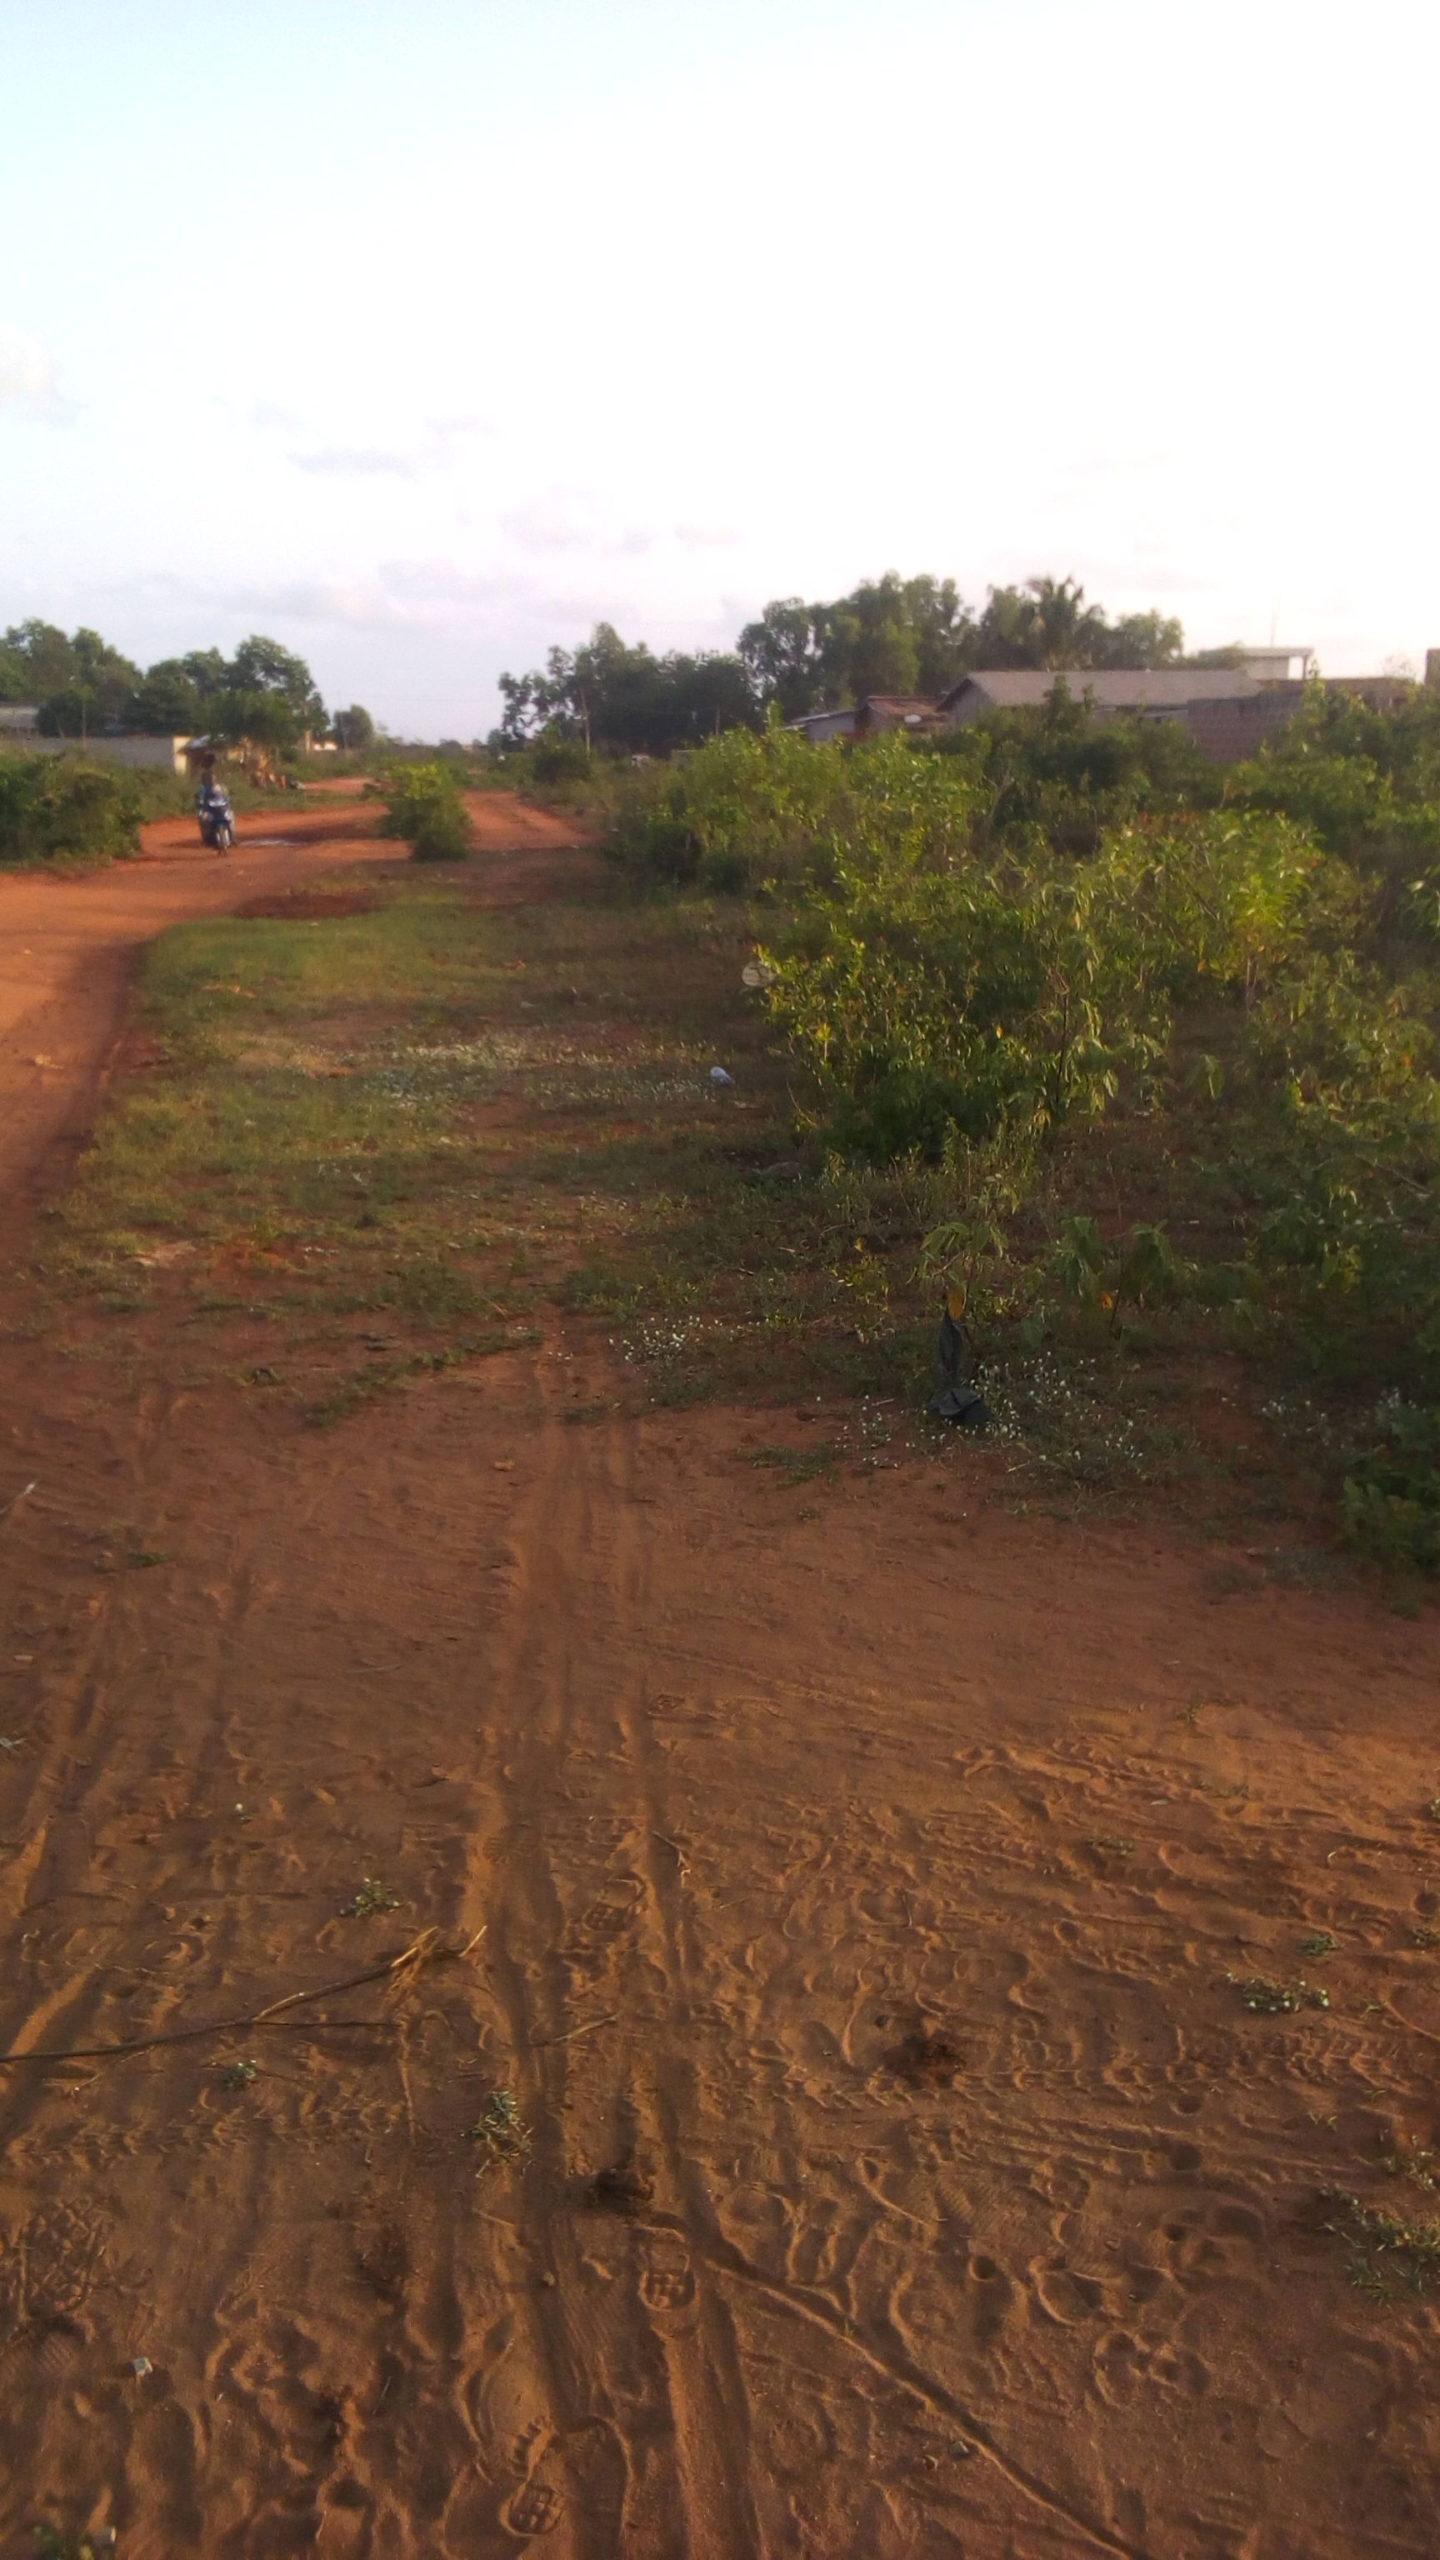 Parcelles recasées djregbe au bord de la voie menant vers la radio weke. La parcelle est d'une superficie de 300 m² . Les deux font une superficie de 600 m². La zone est vivable et propice aux projets de commerce et assimilés